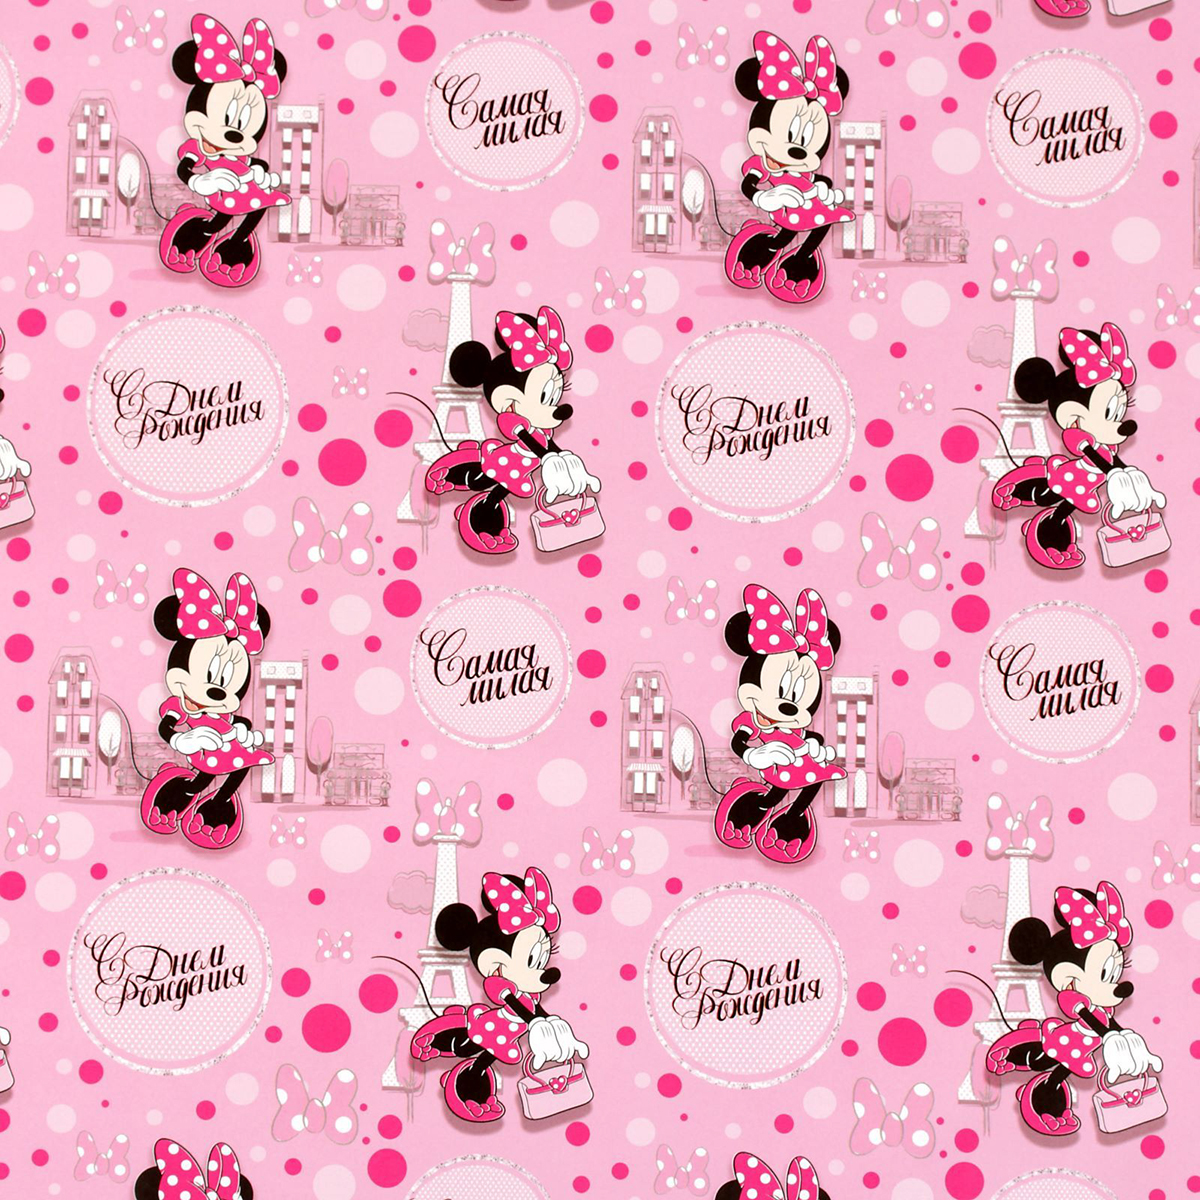 Бумага упаковочная Disney С Днем Рождения! Самая милая! Минни Маус, глянцевая, 70 х 100 см. 2586458 бумага упаковочная disney с днем рождения самая милая минни маус глянцевая 70 х 100 см 2390649